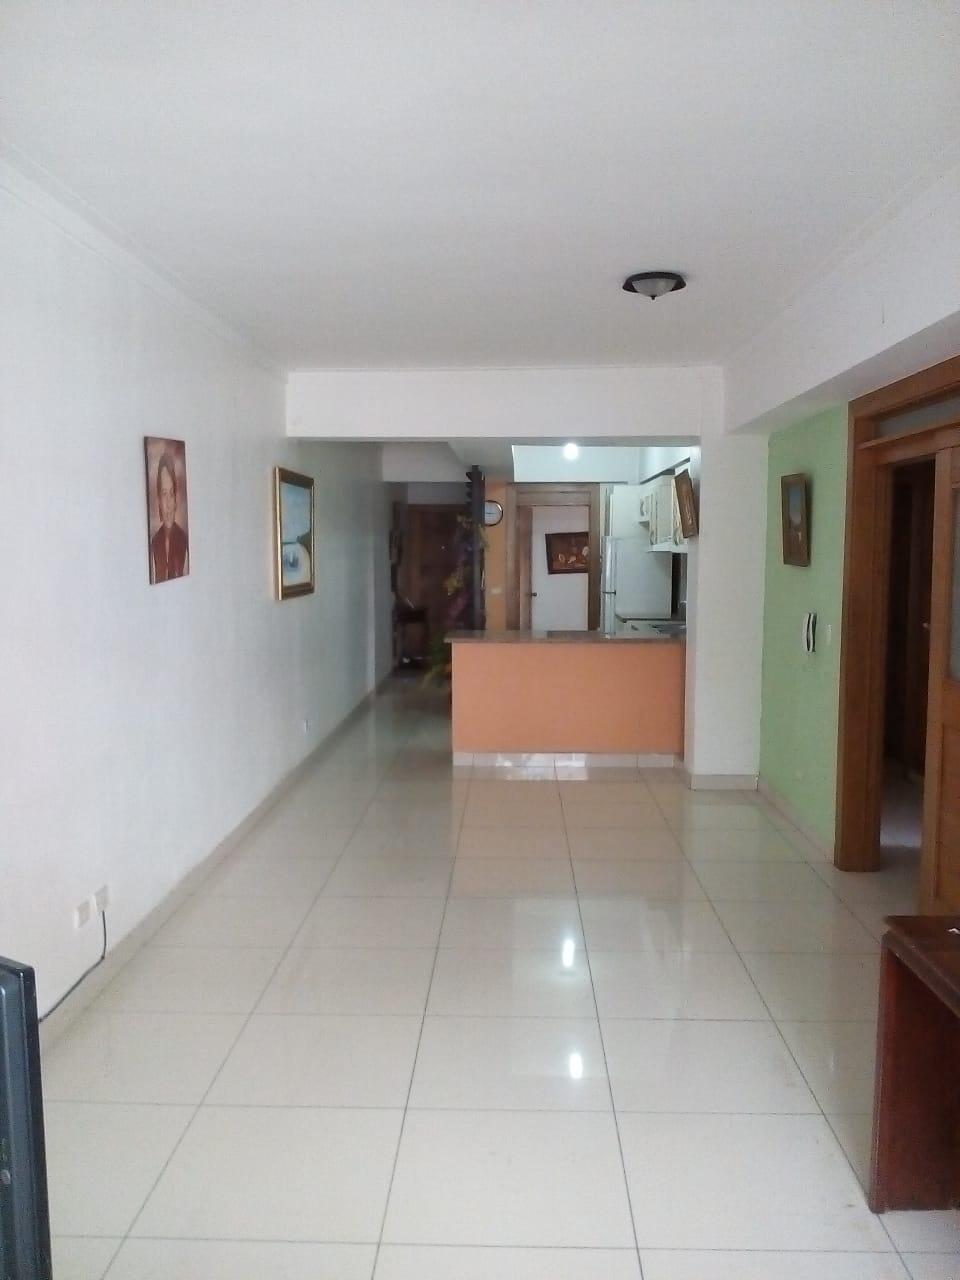 Apartamento en venta en el sector LOS RESTAURADORES precio RD$ 5,900,000.00 RD$5,900,000